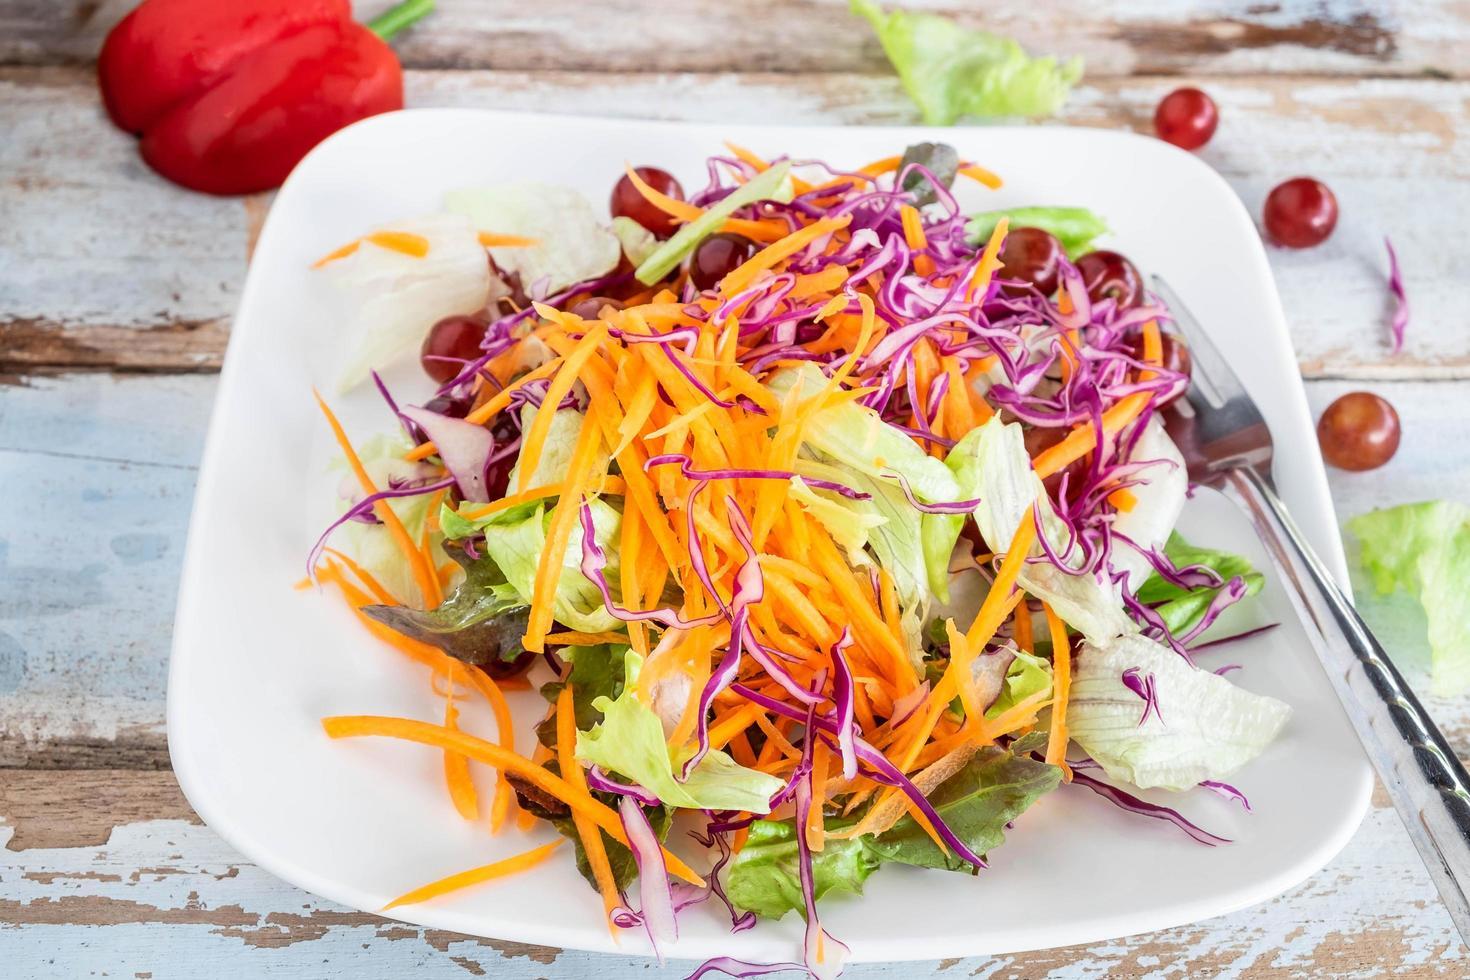 insalata di verdure sulla tavola di legno foto